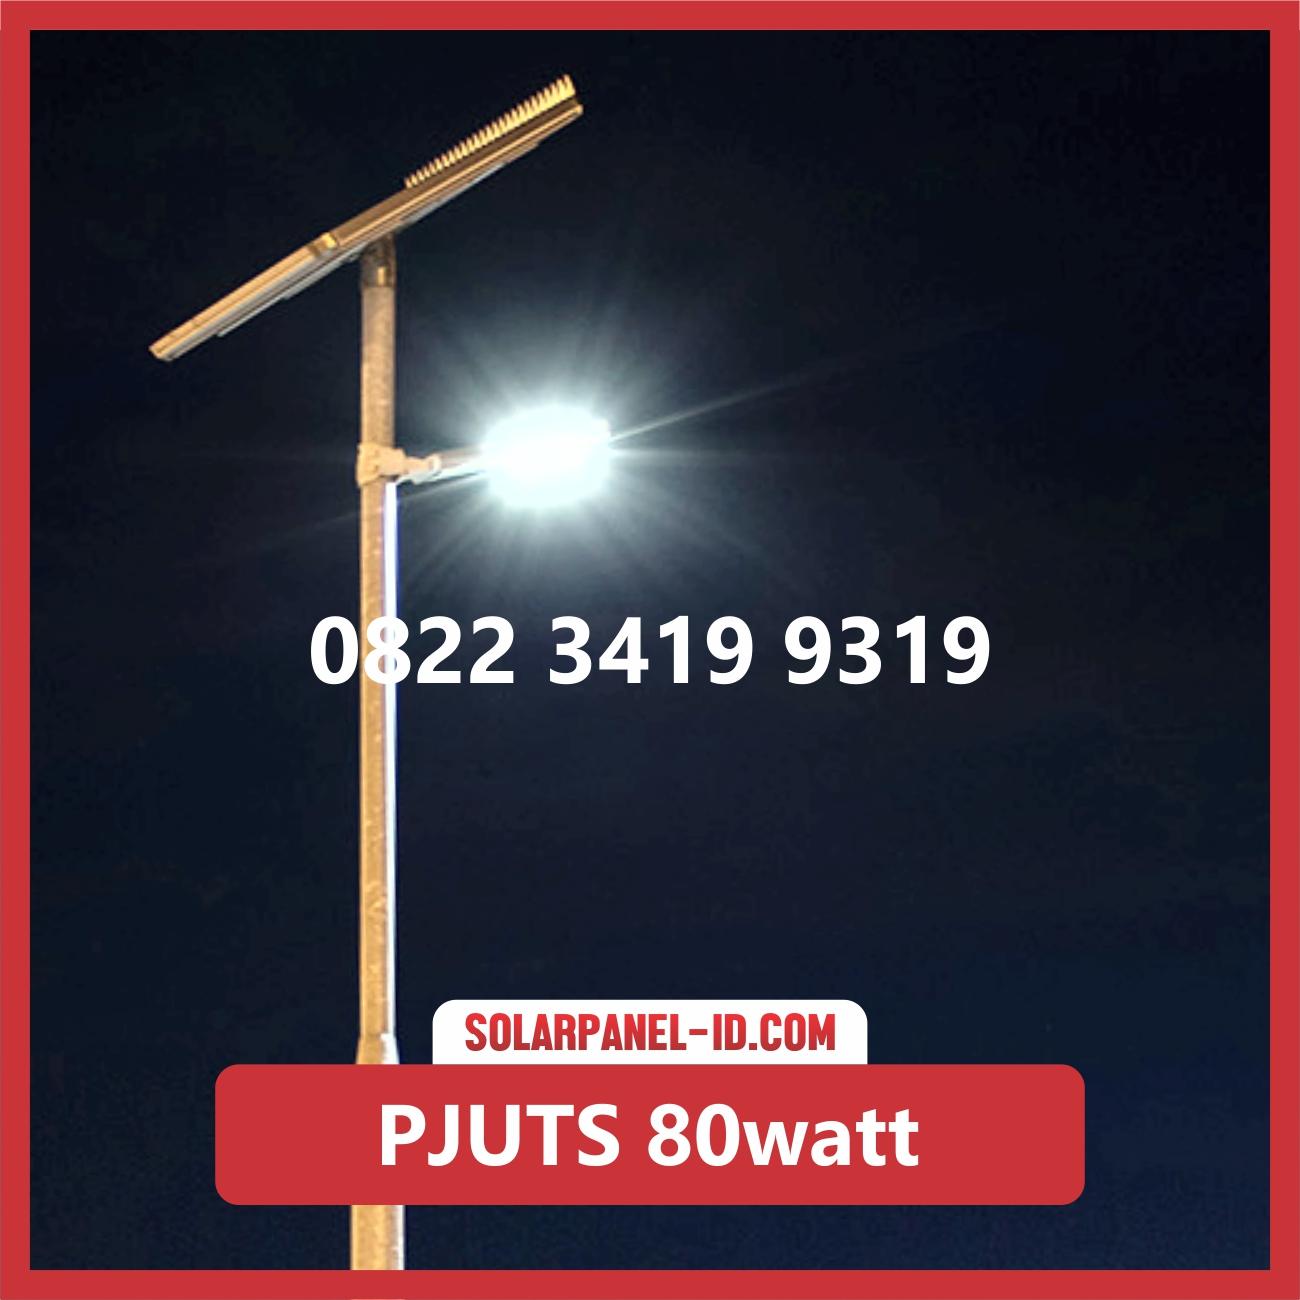 Paket Lampu Jalan Tenaga Surya 80watt – PJU Solarcell 80 watt | Penerangan Jalan Umum (PJU)